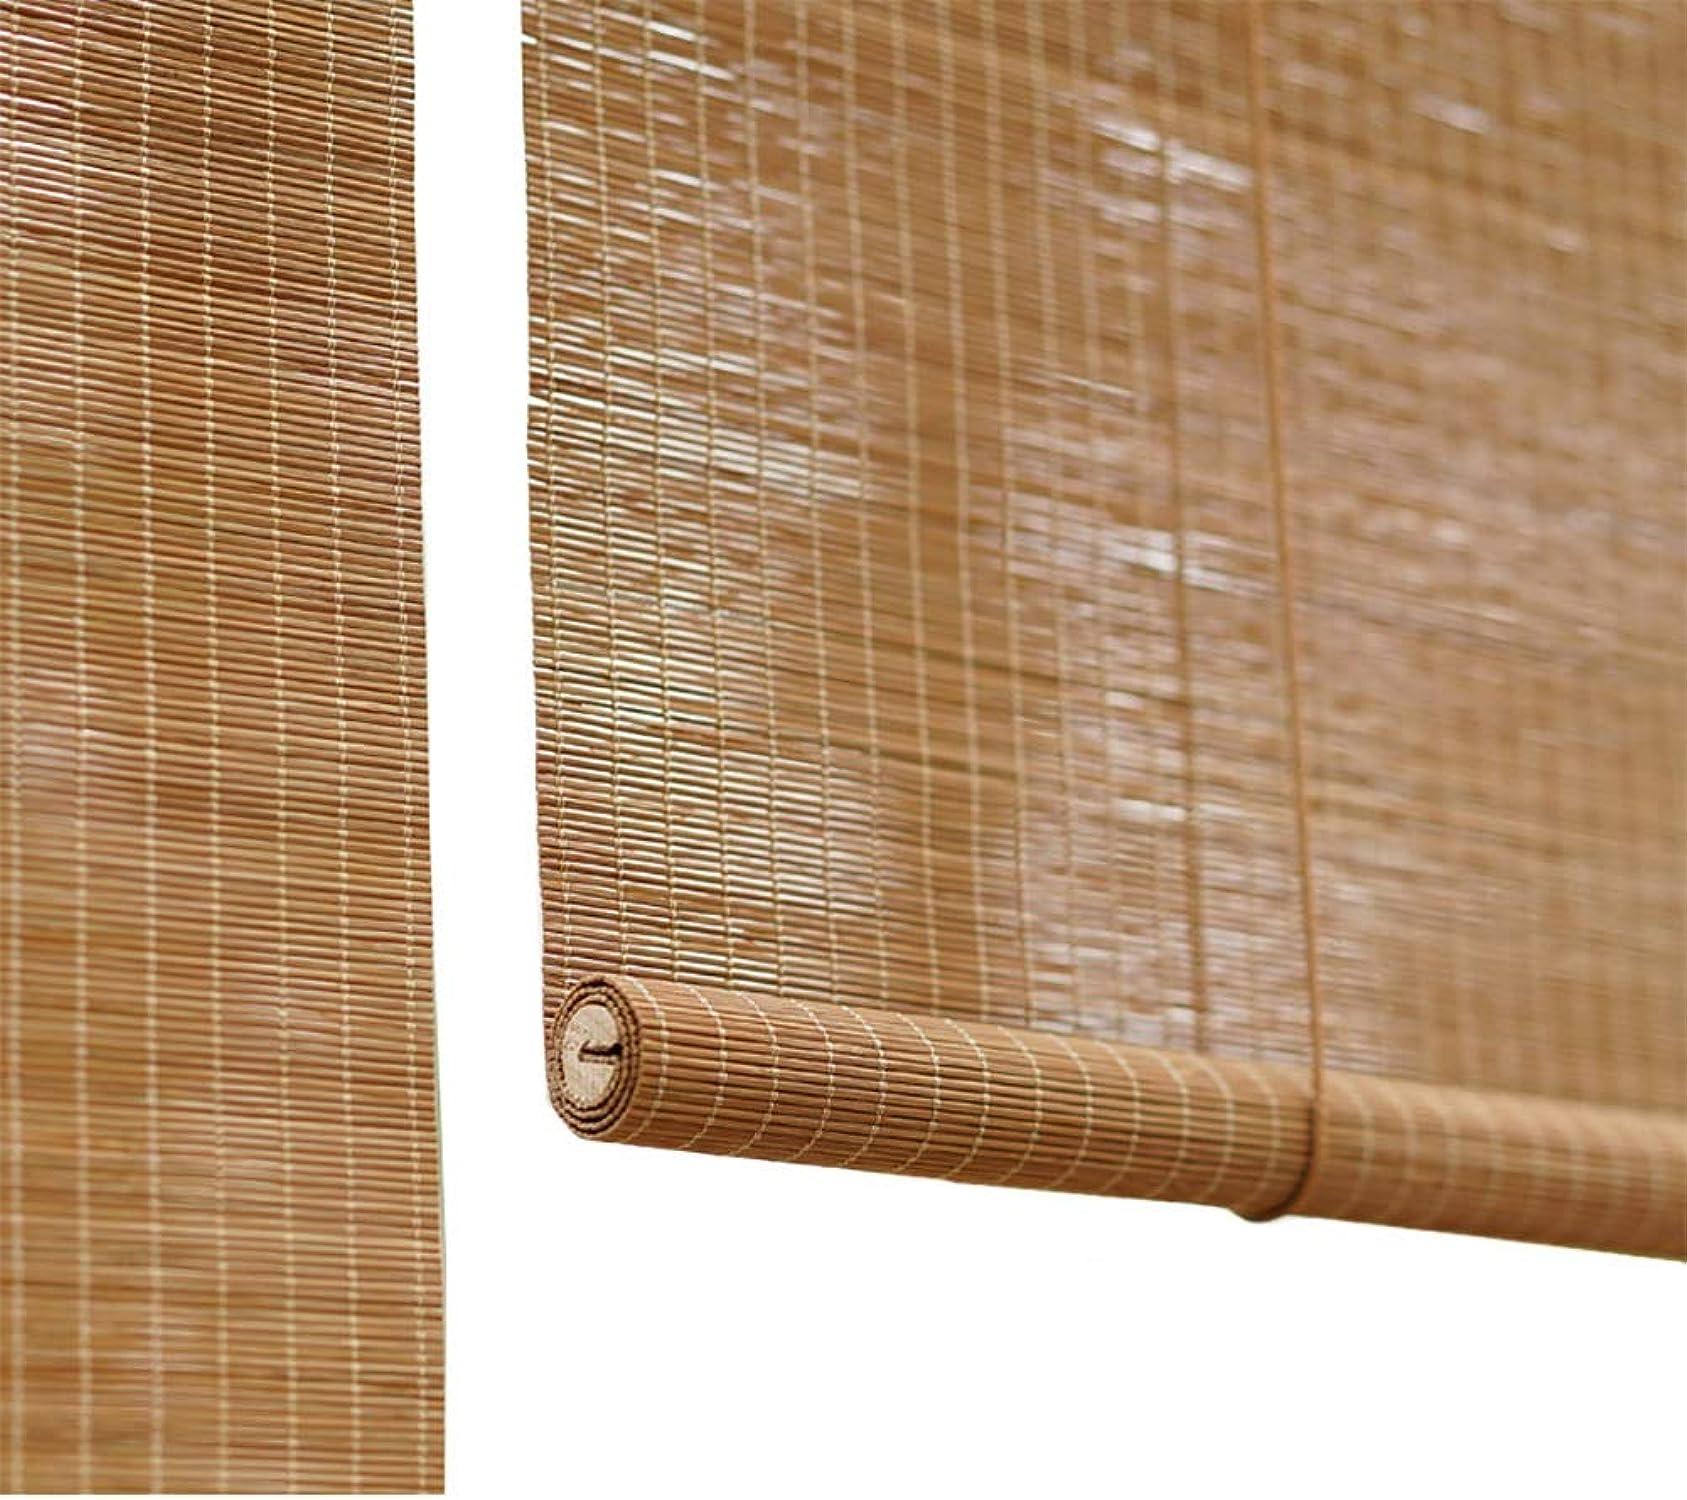 más descuento Persianas Persianas Persianas Privacidad, Enrollables De Bambú para Porche Balcón Puertas Salón De Té, 60% Filtro De Luz (Tamaño   80×160cm)  directo de fábrica